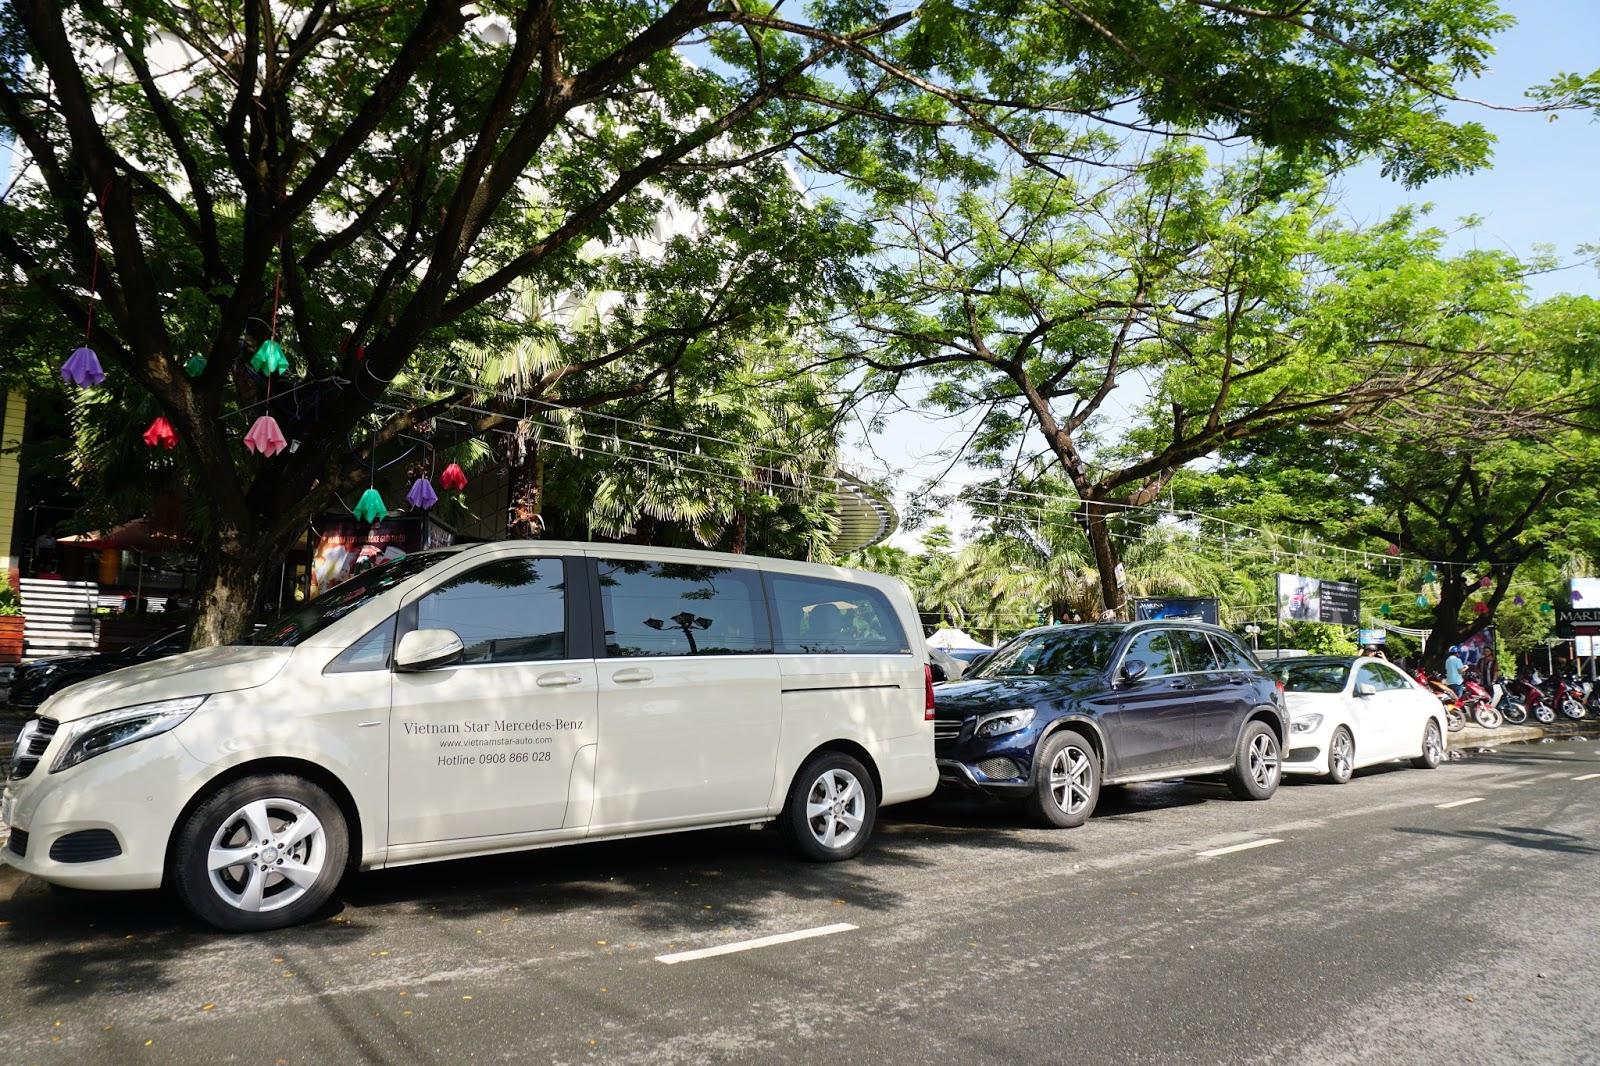 Khu vực xe chờ khách đến trải nghiệm, GLC là chiếc xe được quan tâm nhất